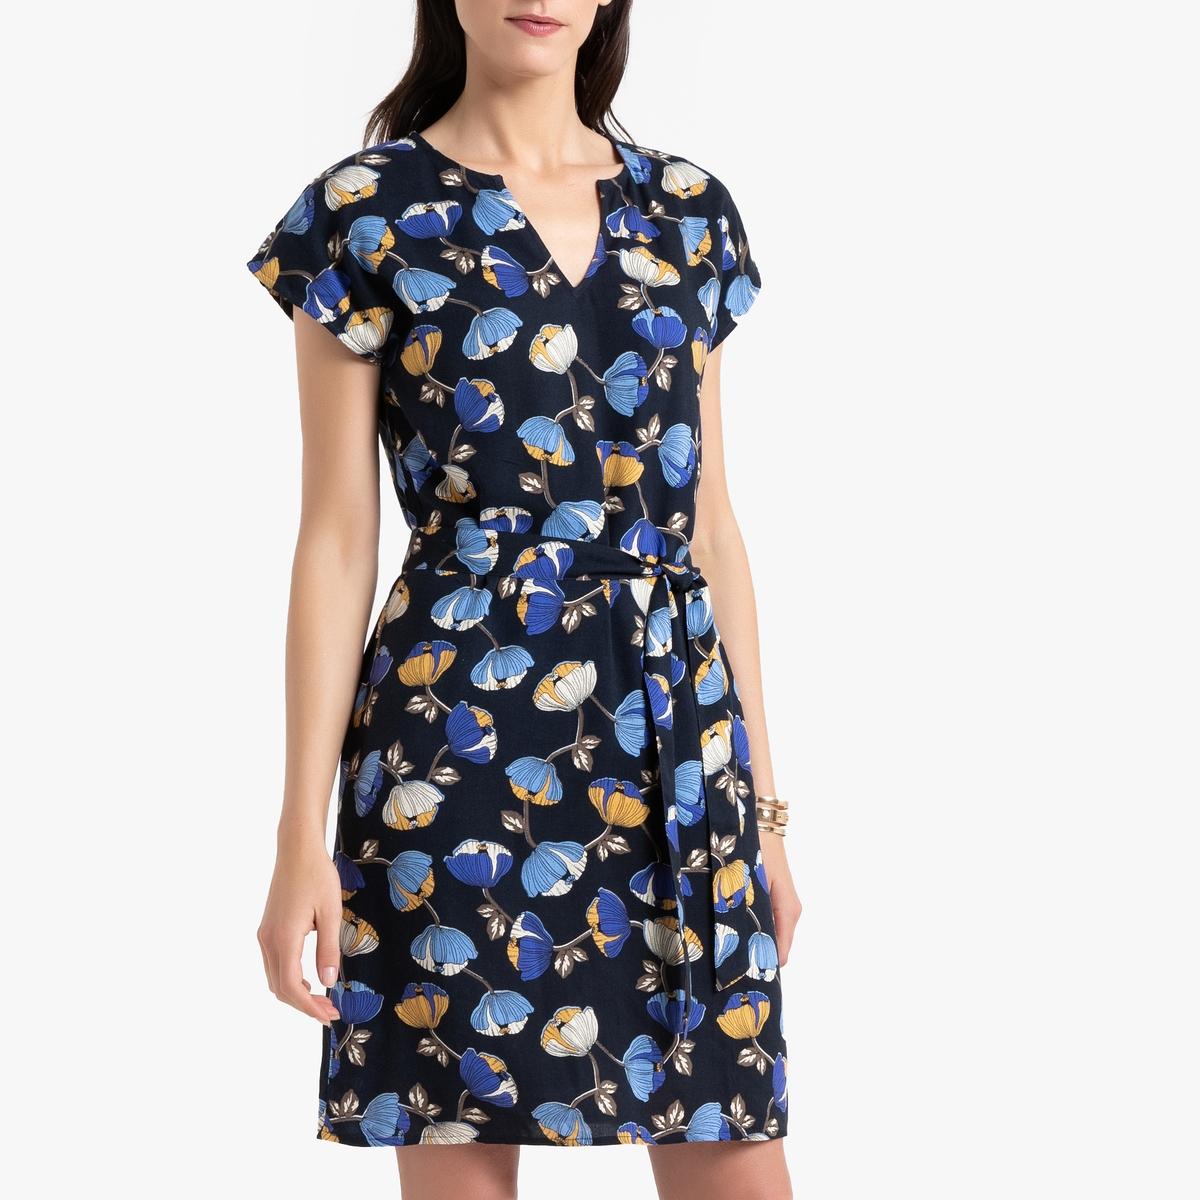 Платье La Redoute Прямое с цветочным рисунком 48 (FR) - 54 (RUS) синий брюки la redoute веретенообразные из струящейся ткани 48 fr 54 rus синий